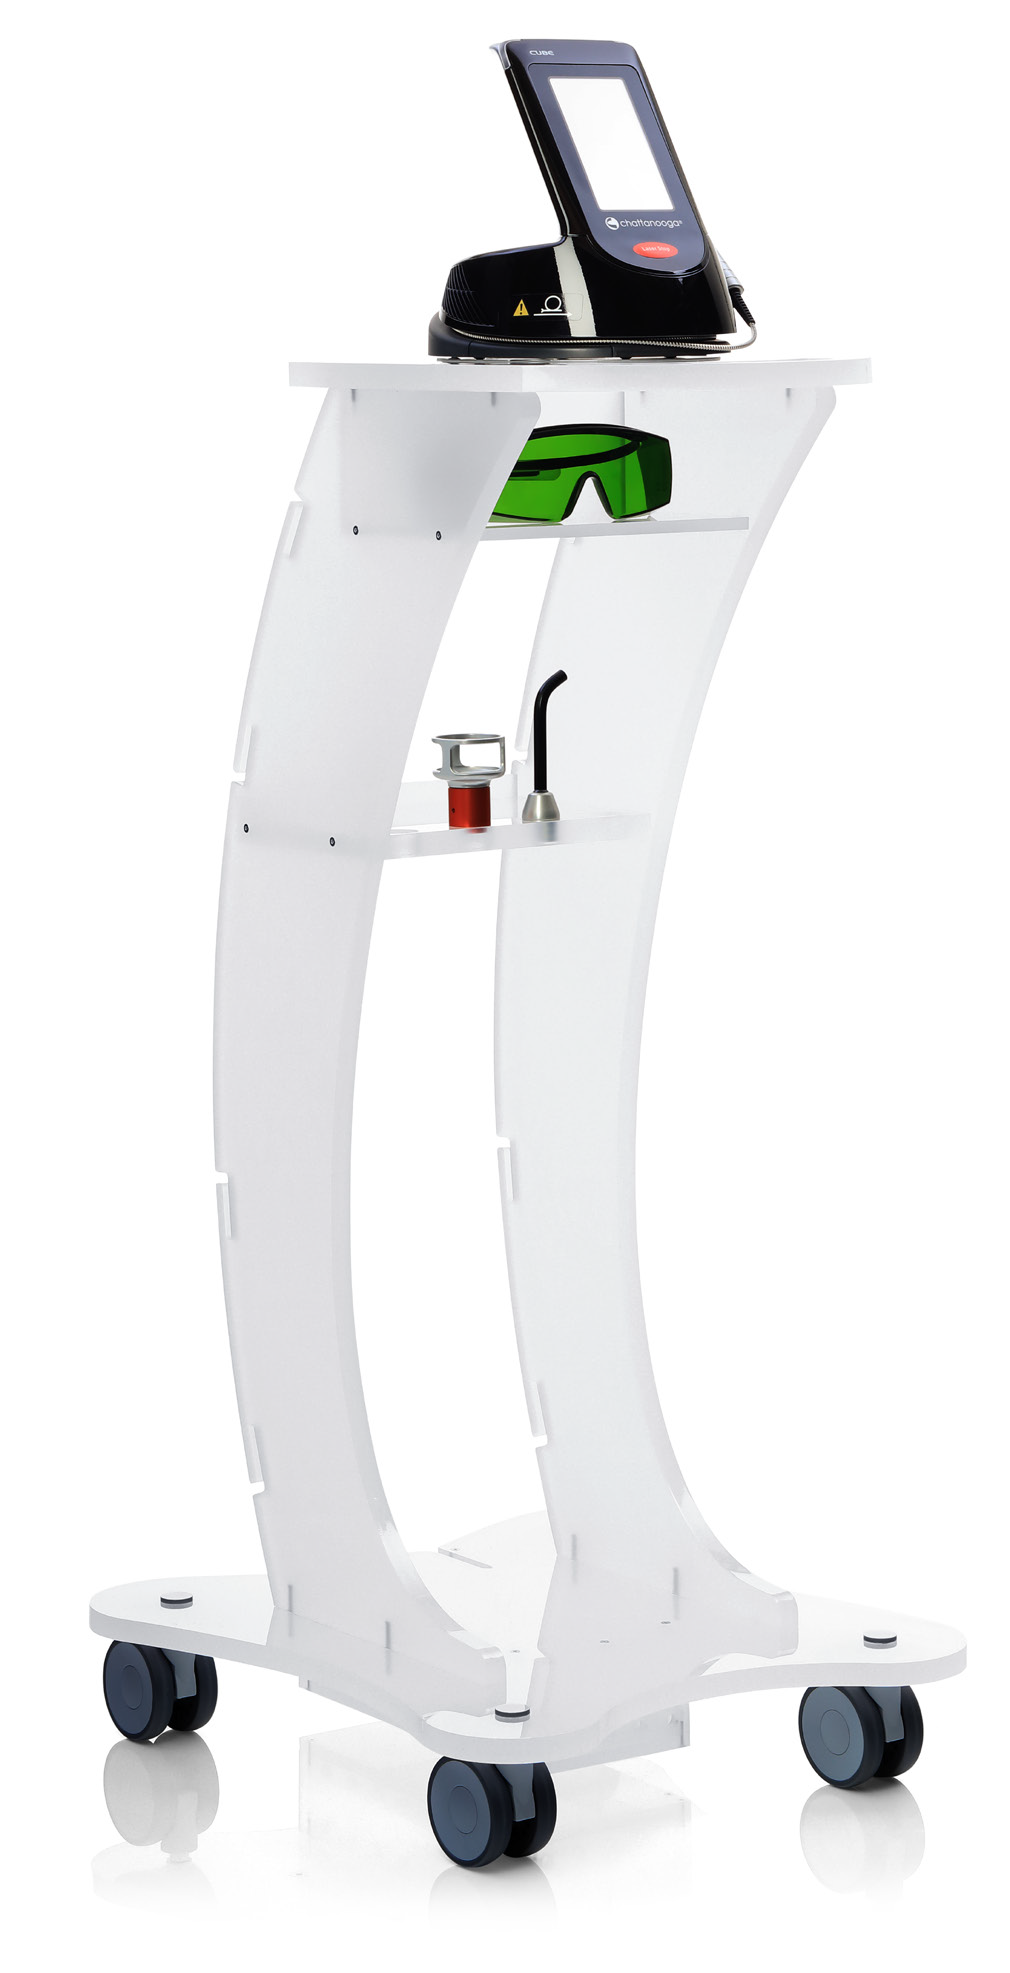 K-Laser Trolley